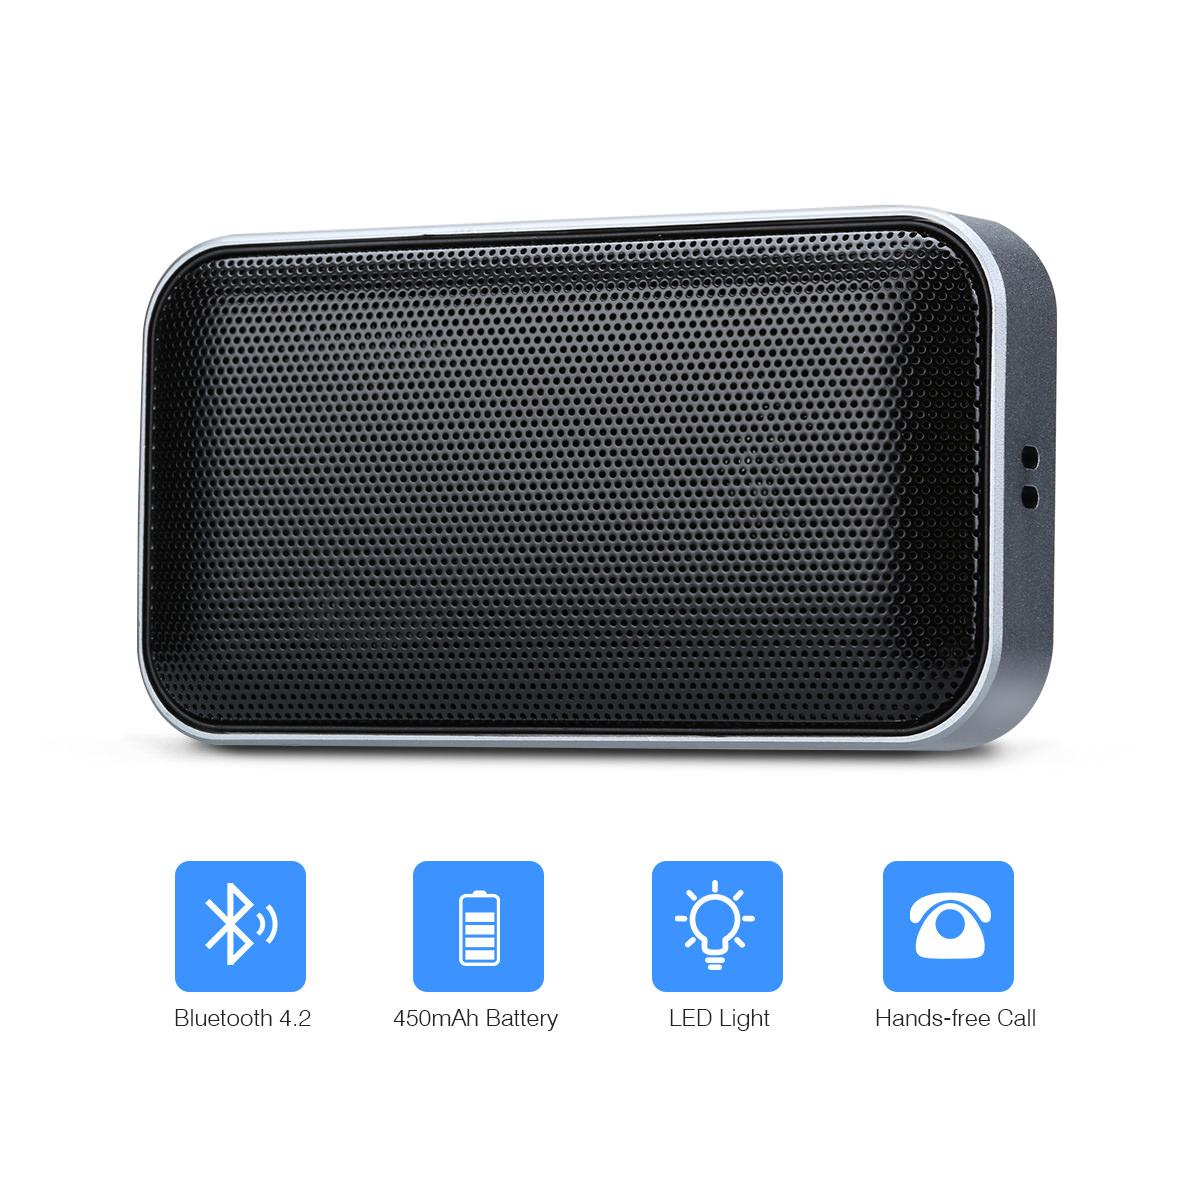 buy aec bt-209 wireless bluetooth speaker